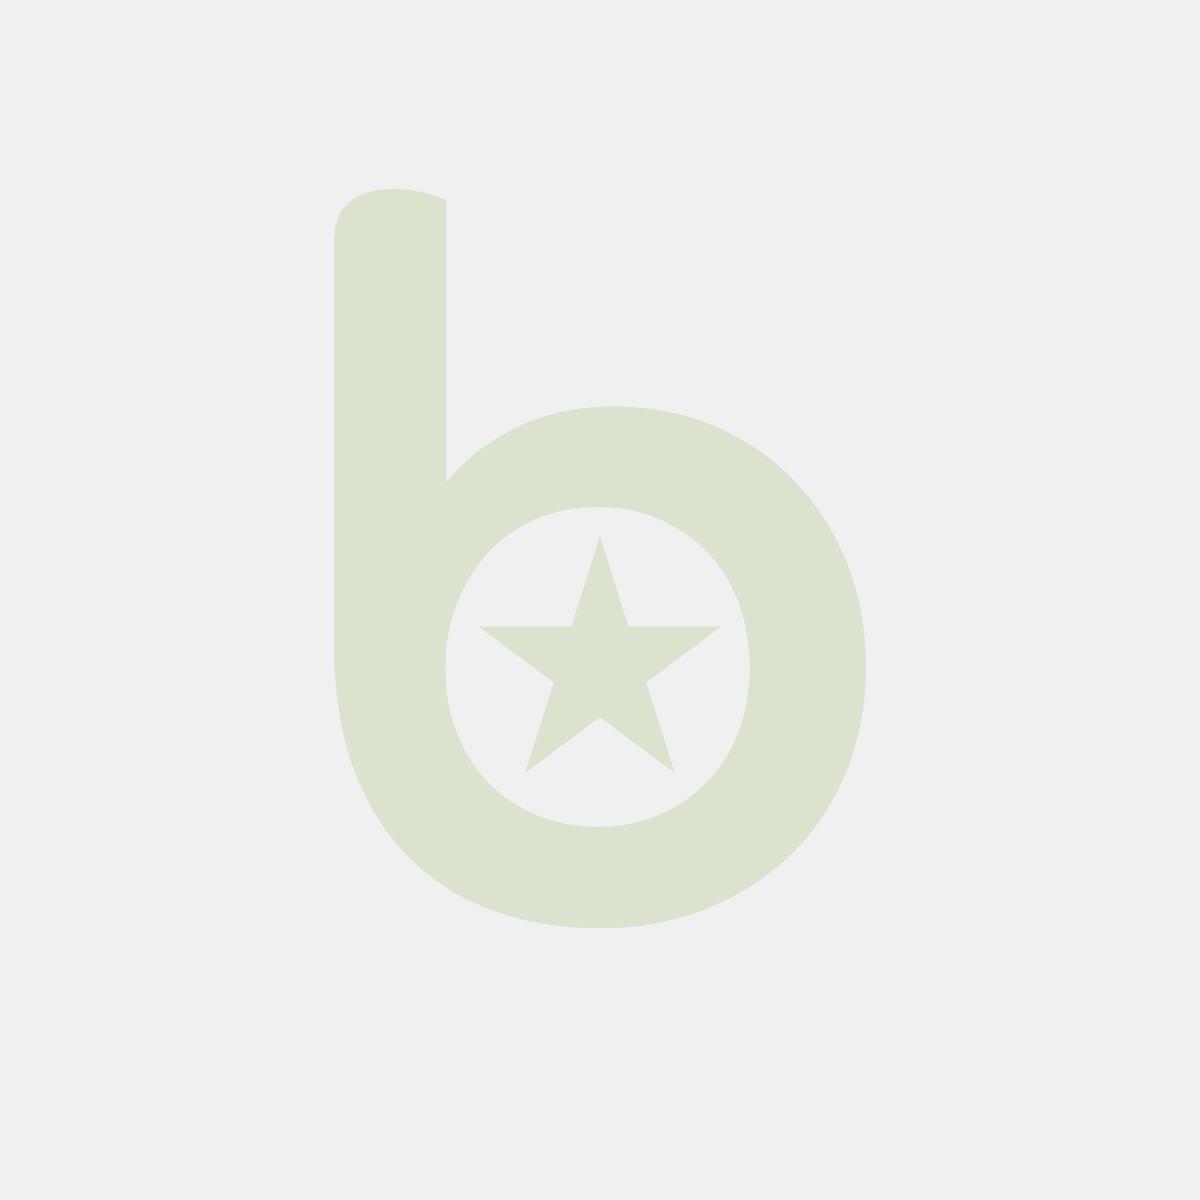 Dyspenser 1/4 bambusowy do serwetek 24x24 czarny 13,5x13,5x10cm